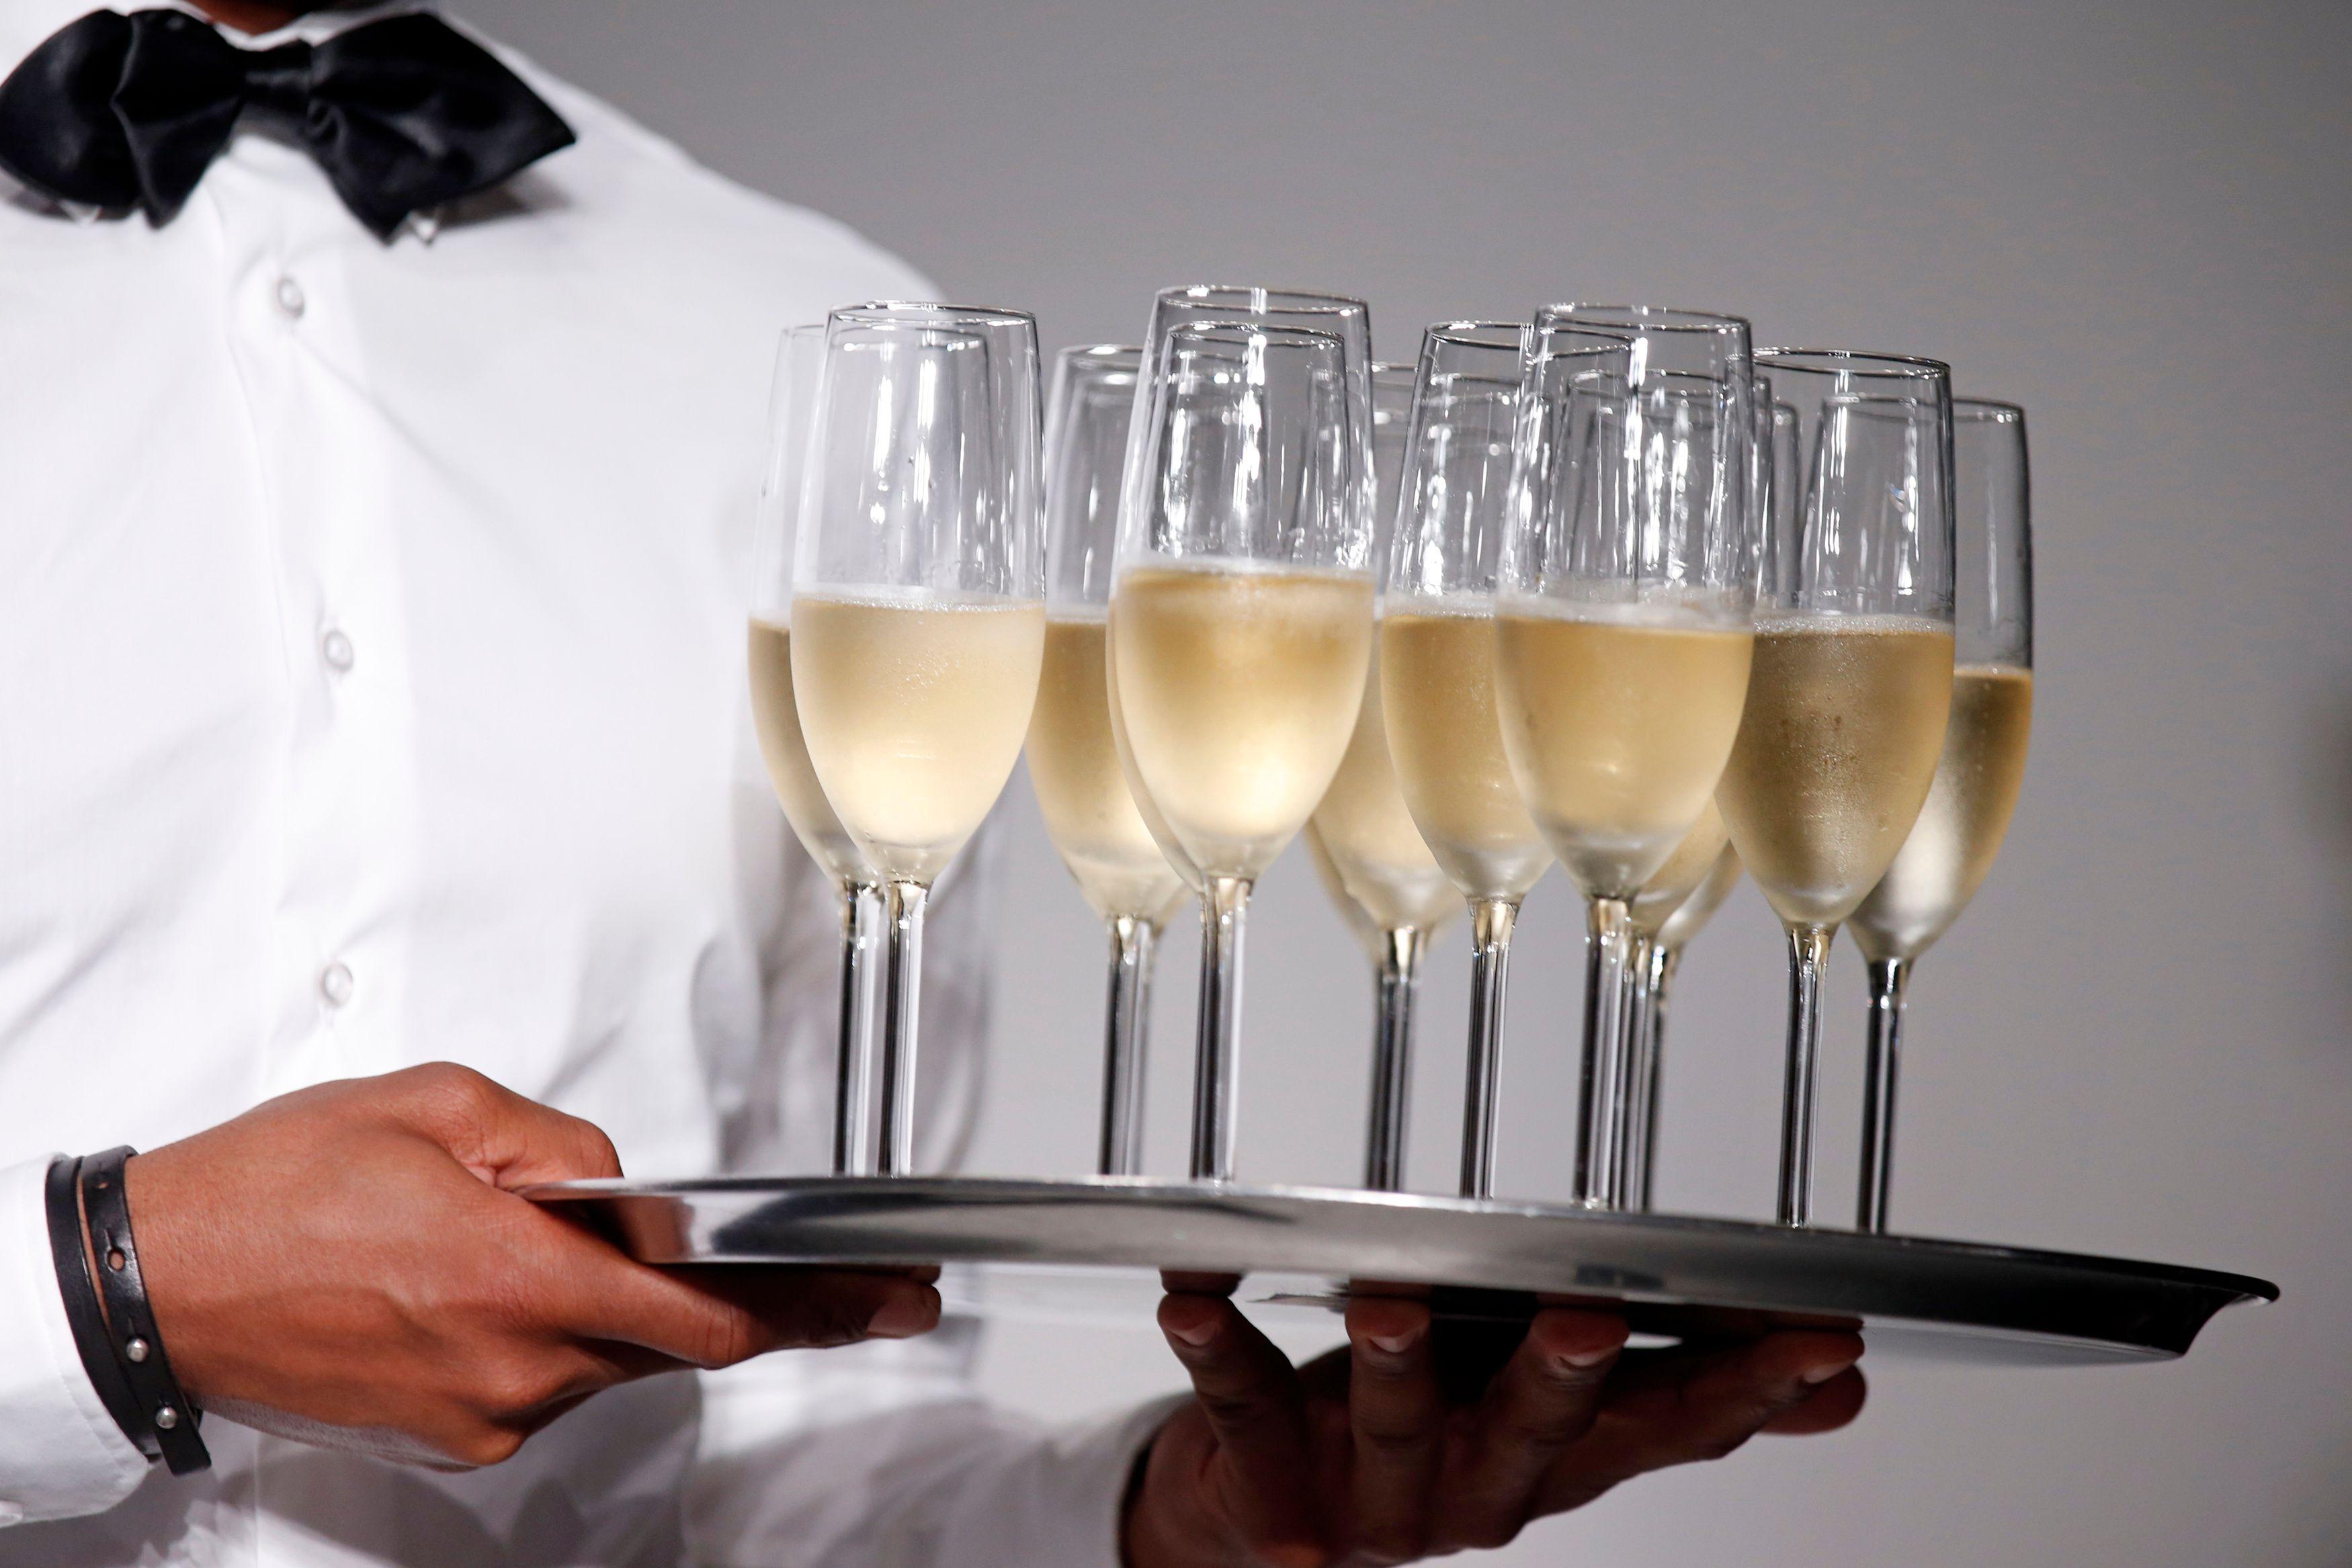 Plus de champagne dans les loges VIP des stades ! Et pour le homard, on fait quoi ?